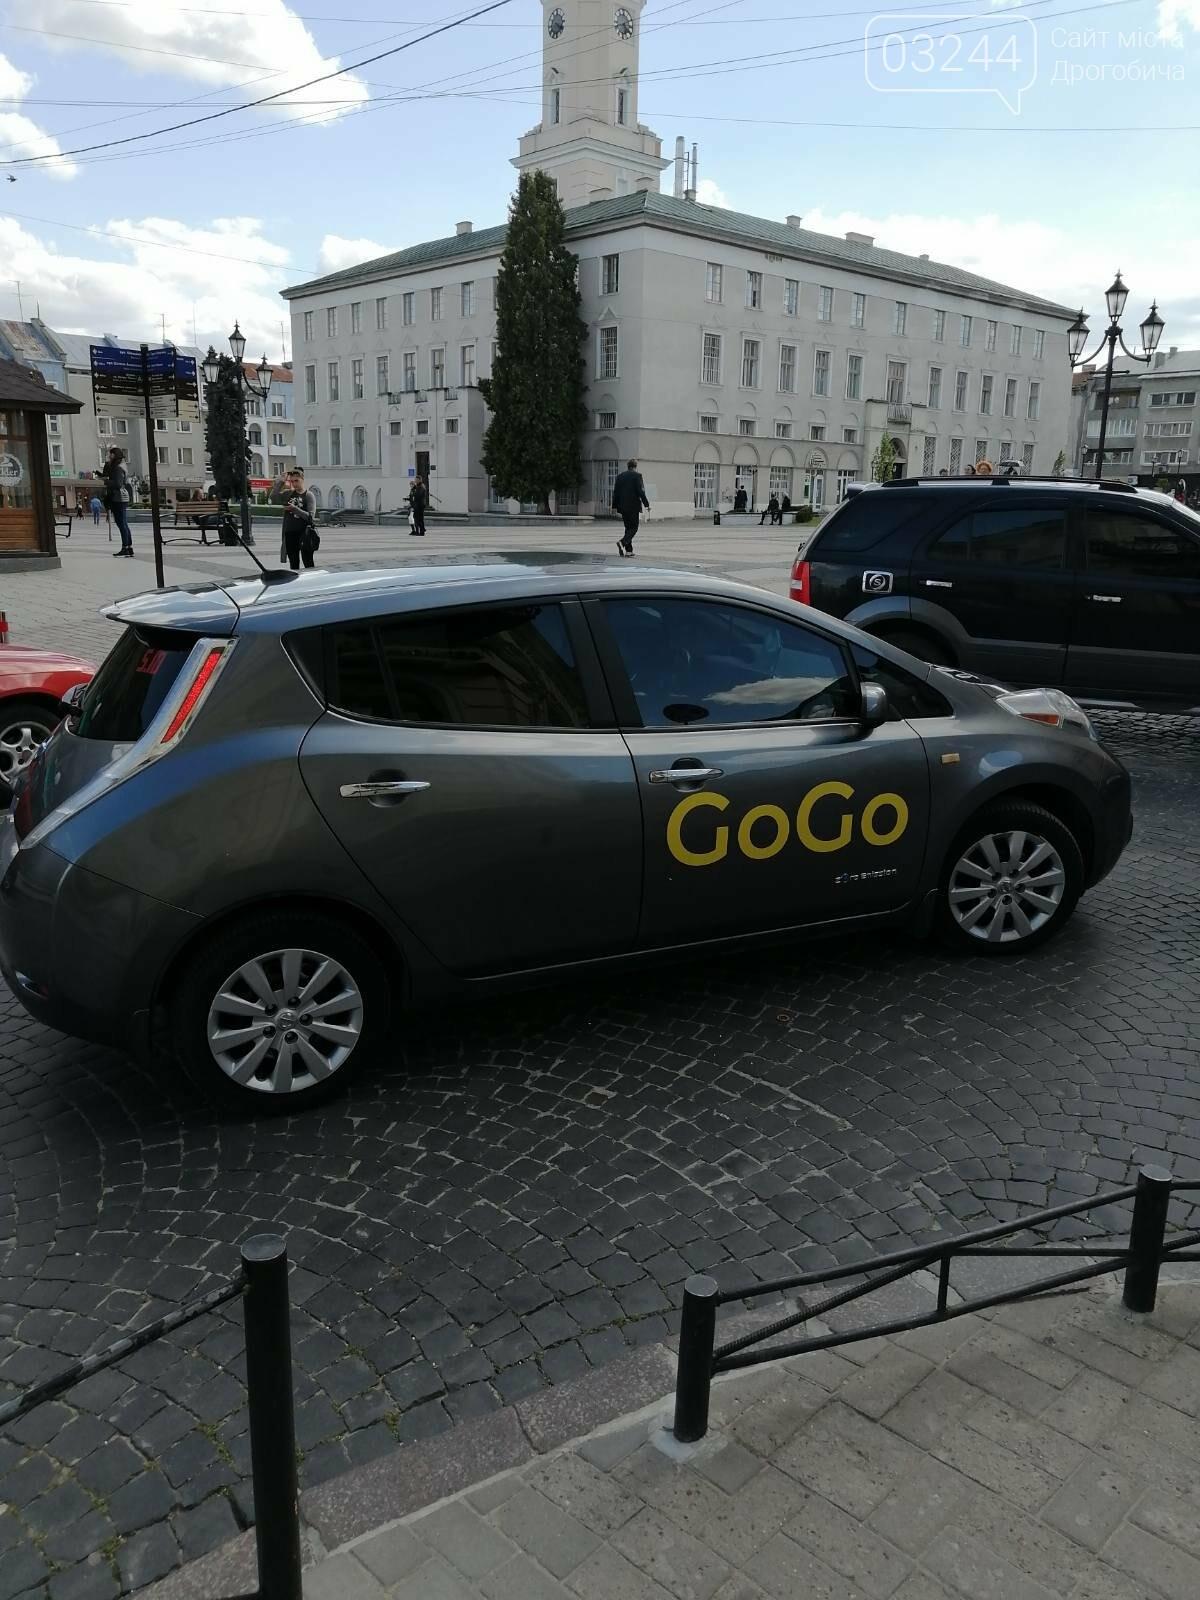 Відтепер проїзд від 29 гривень - у Дрогобичі з'явився новий сервіс замовлення «GoGo», фото-2